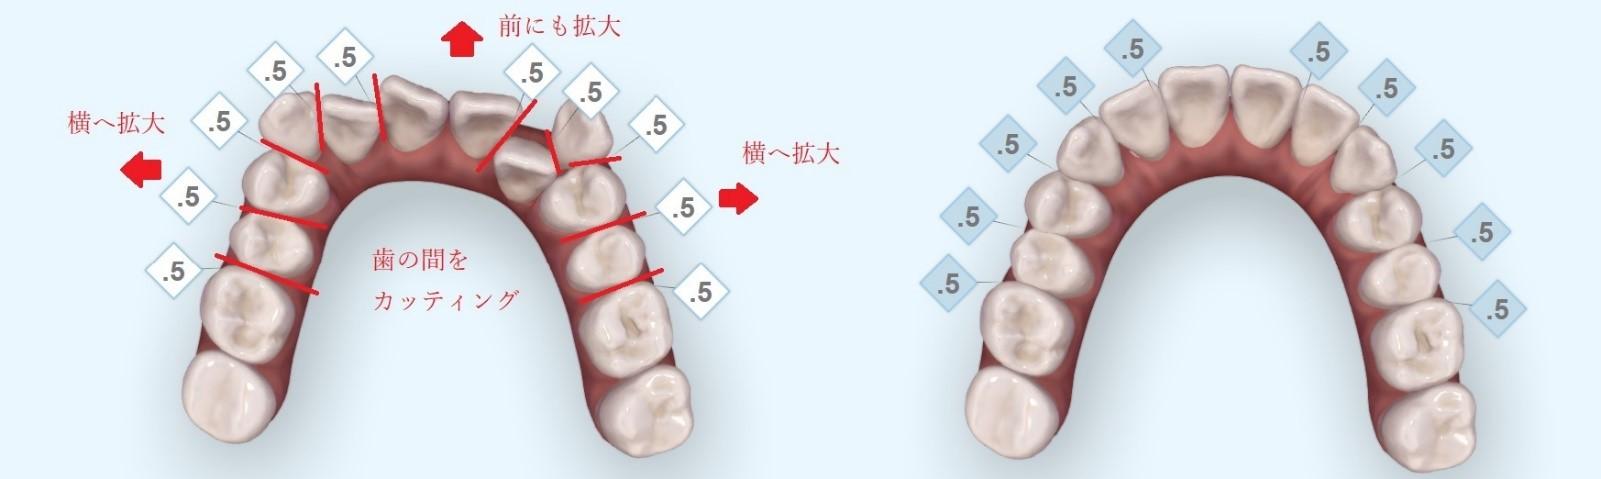 出っ歯の歯並びシミュレーション